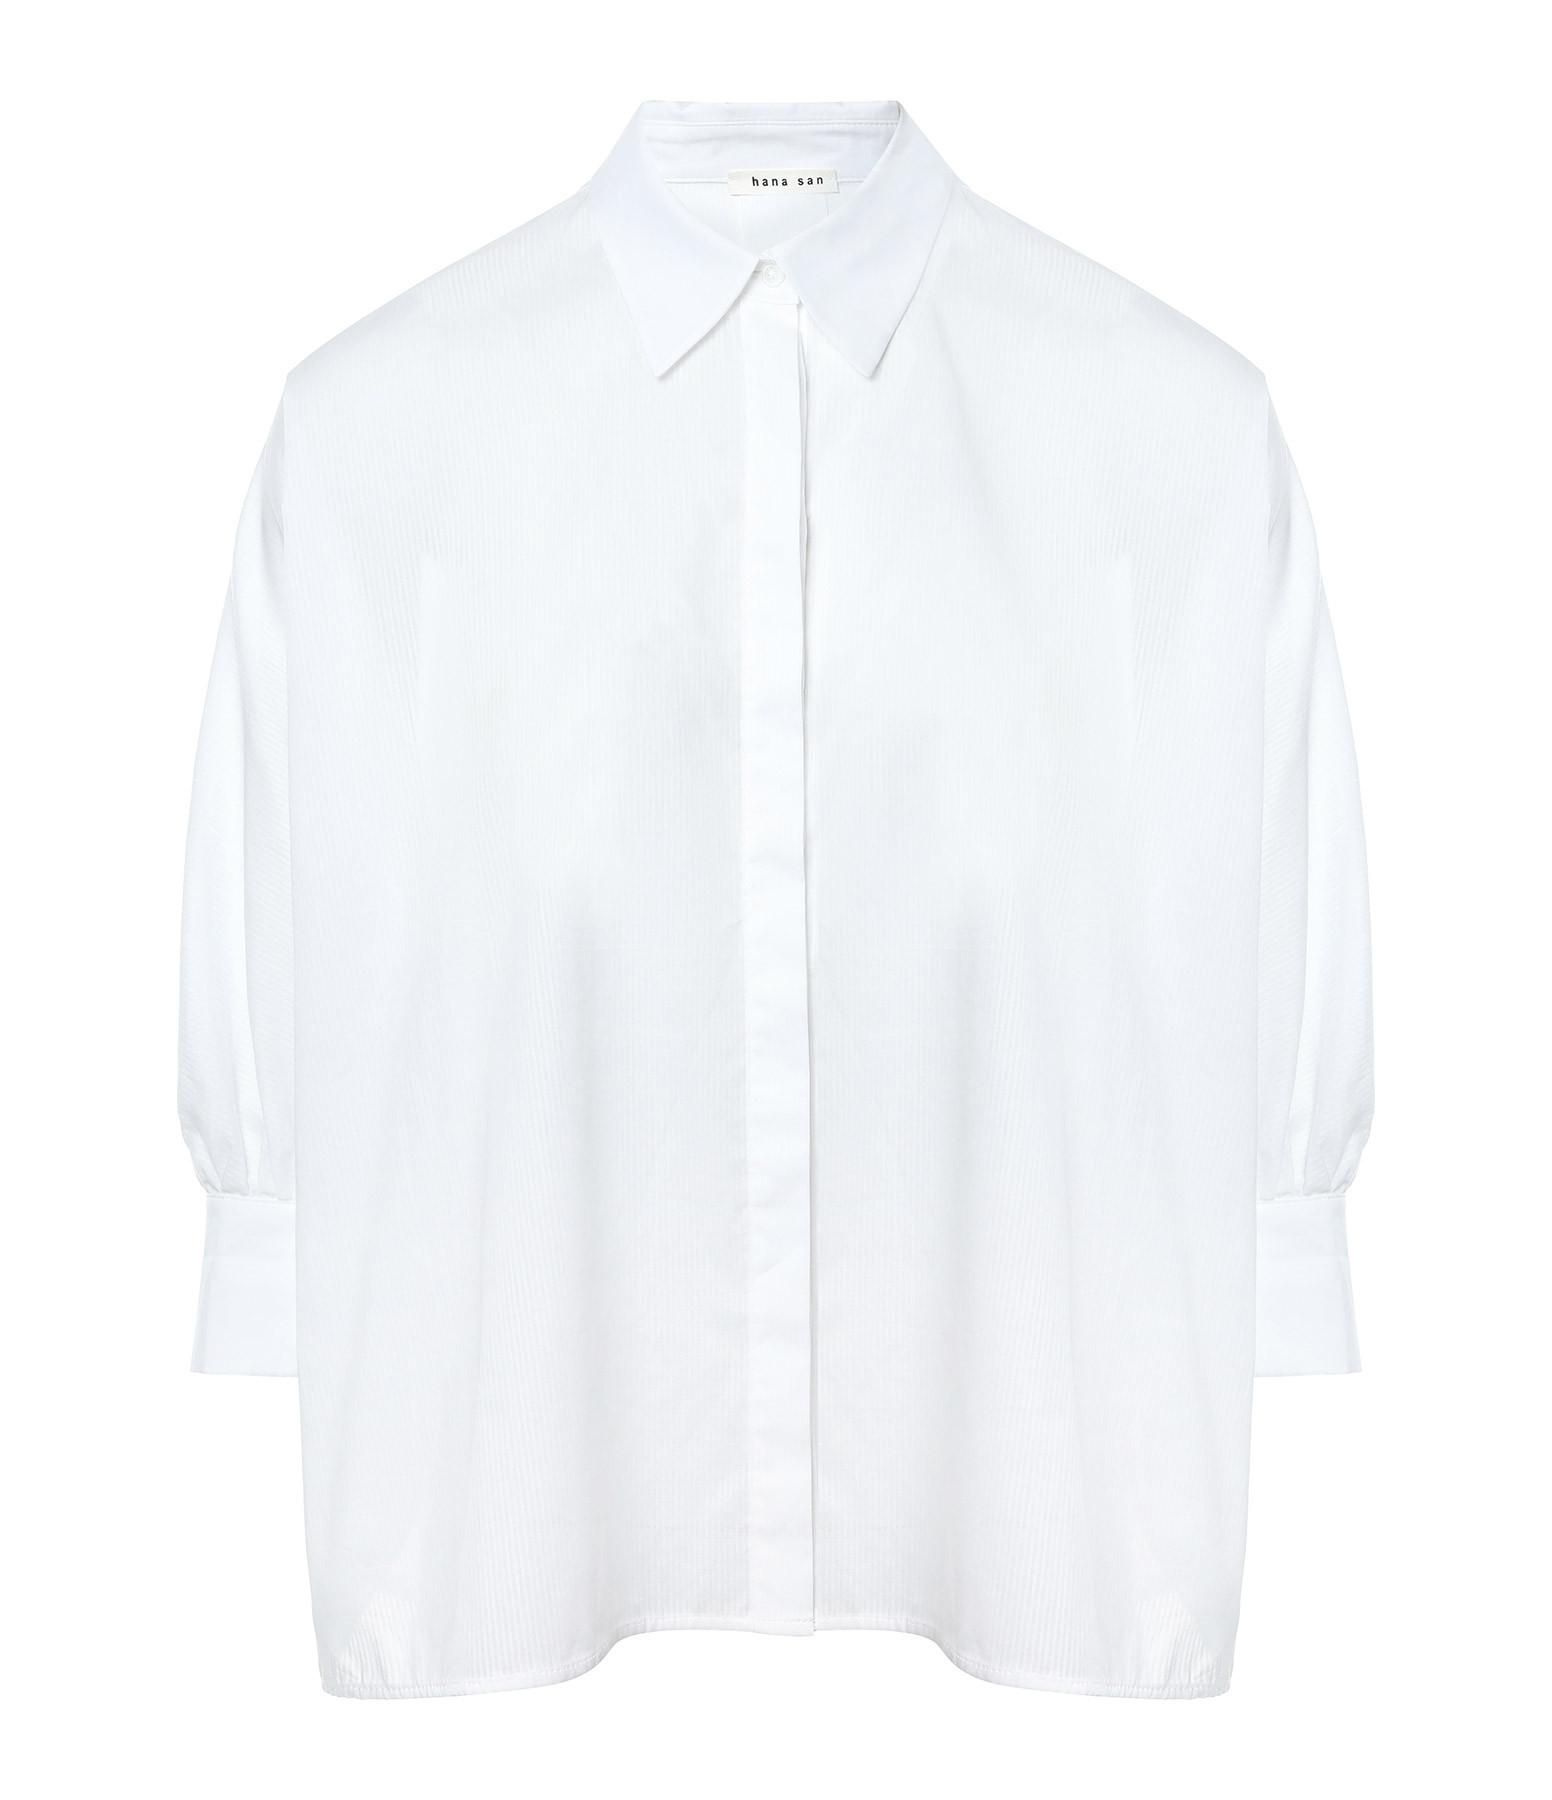 HANA SAN - Chemise Fujin Blanc